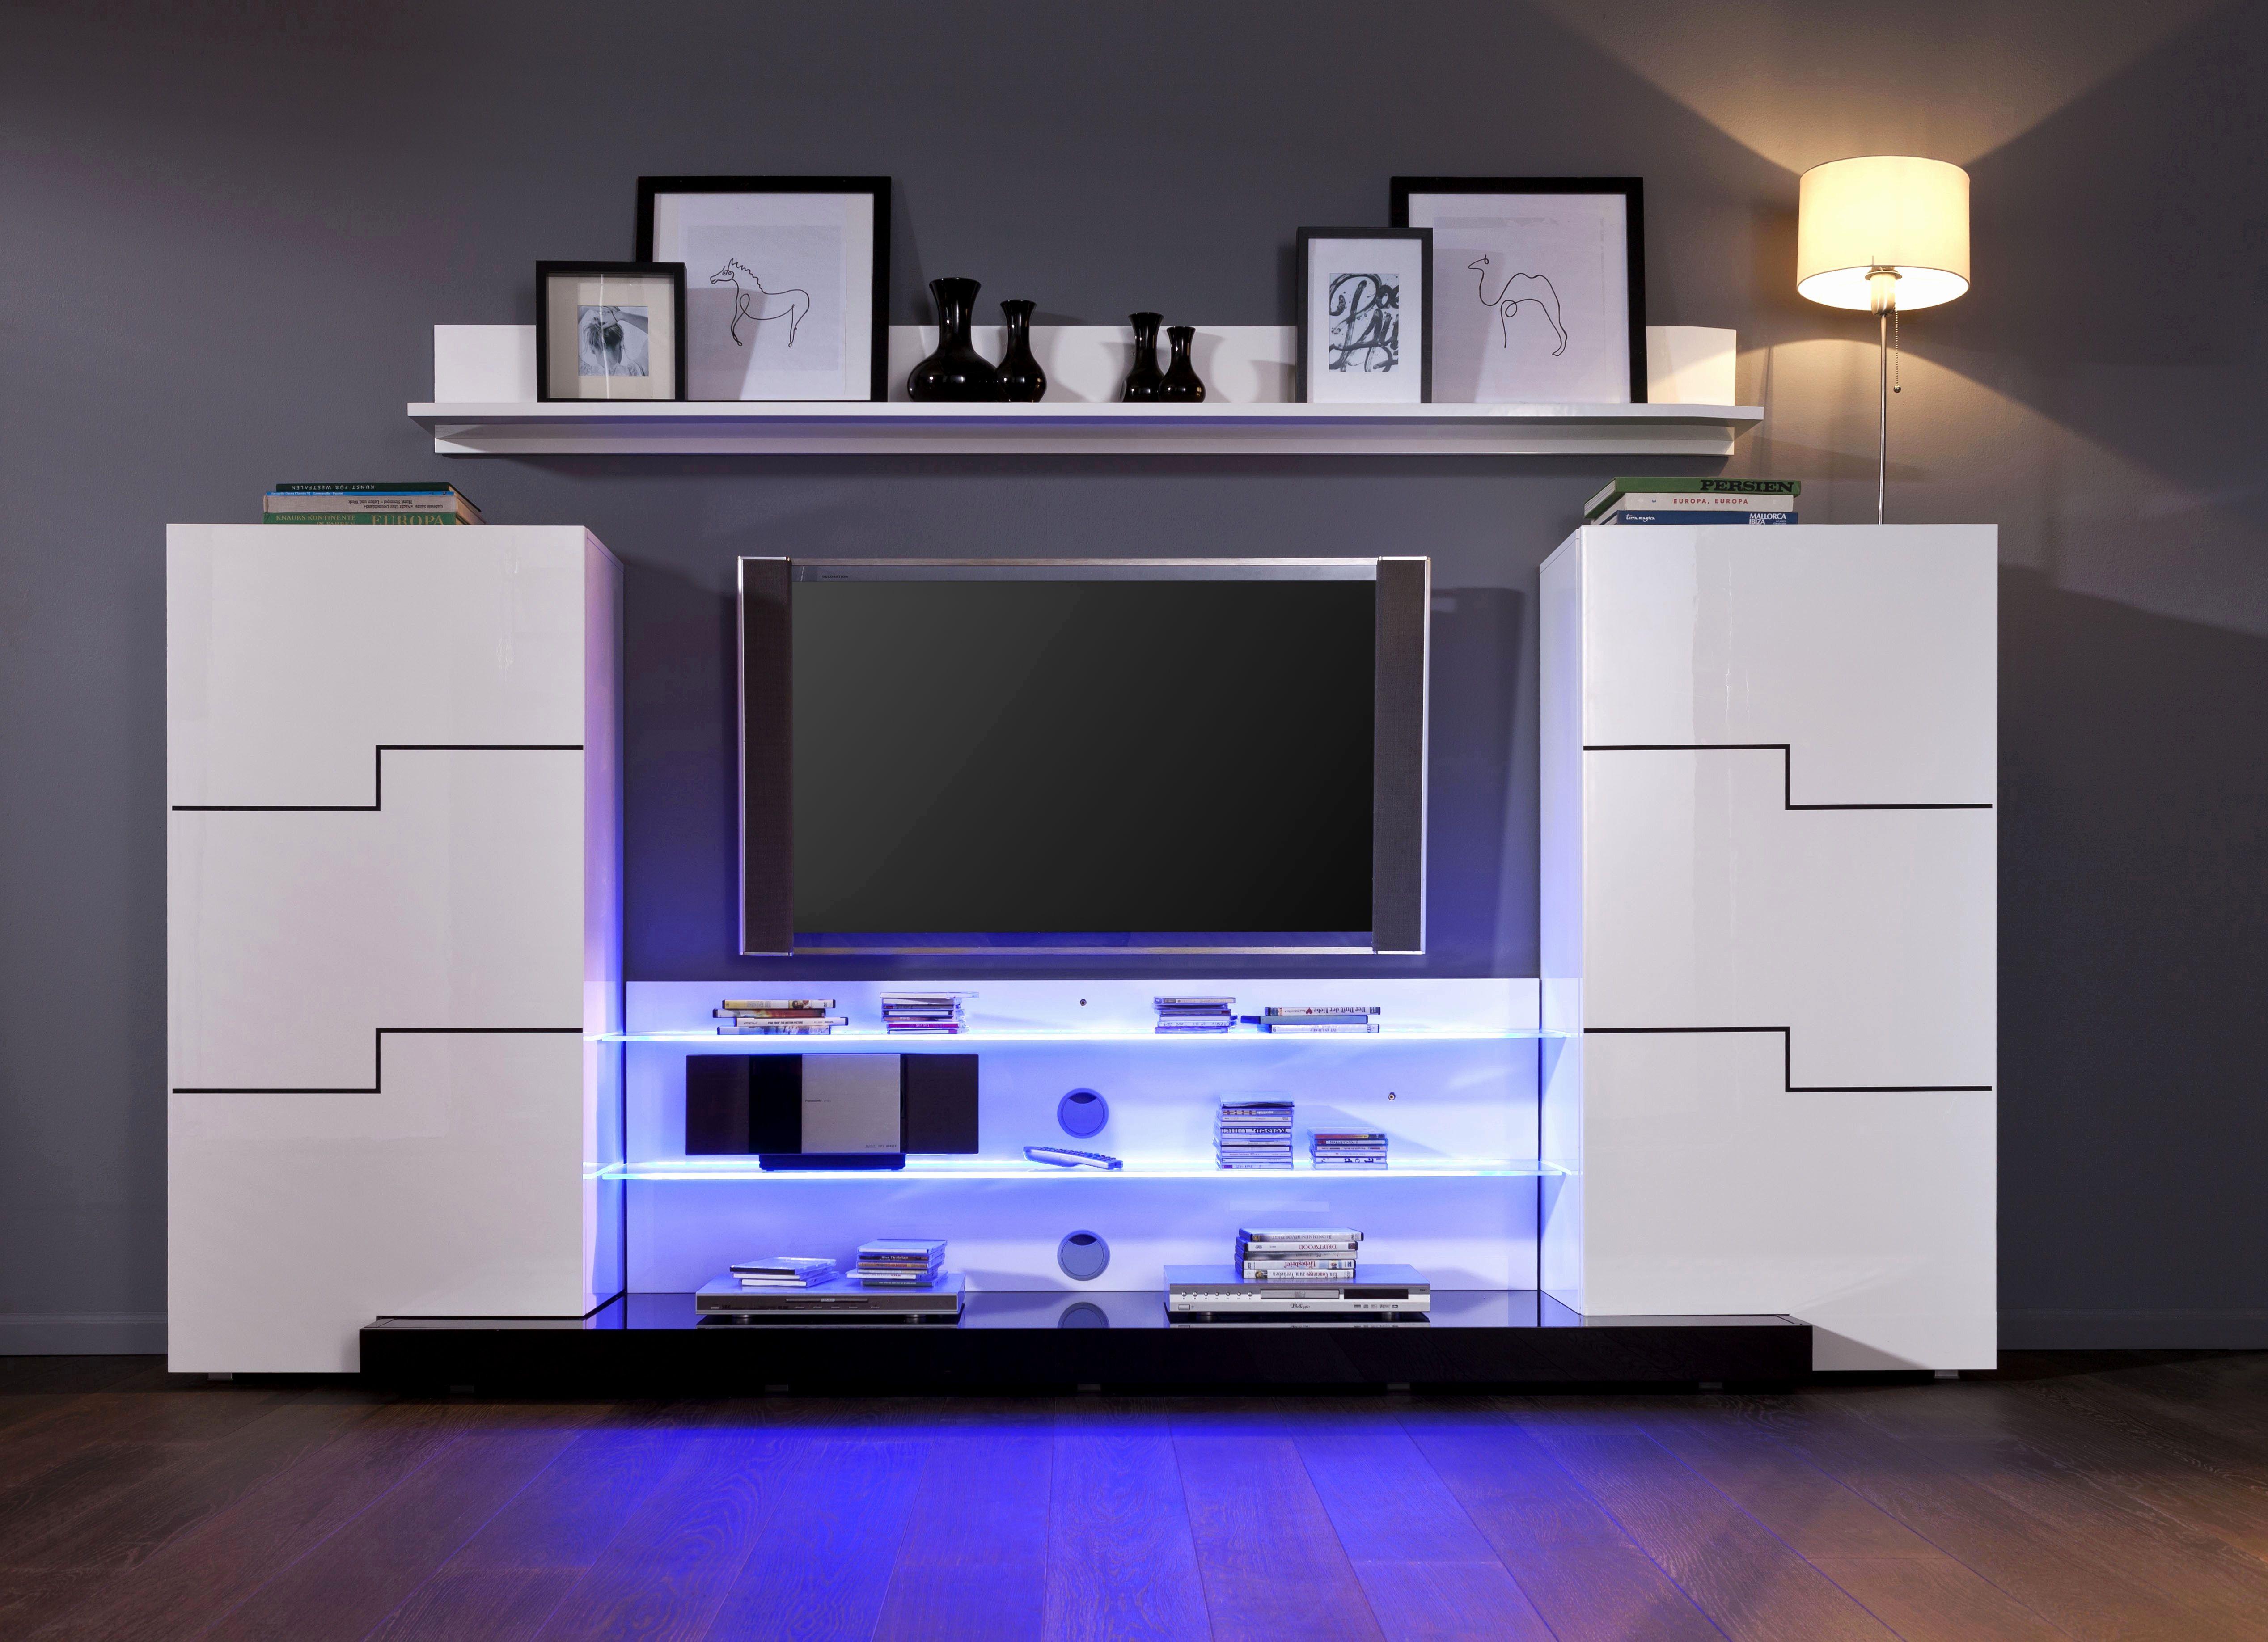 10 Nouveau Meuble Tv Haut De Gamme Images Transforming Furniture Commercial Interiors Cool Furniture